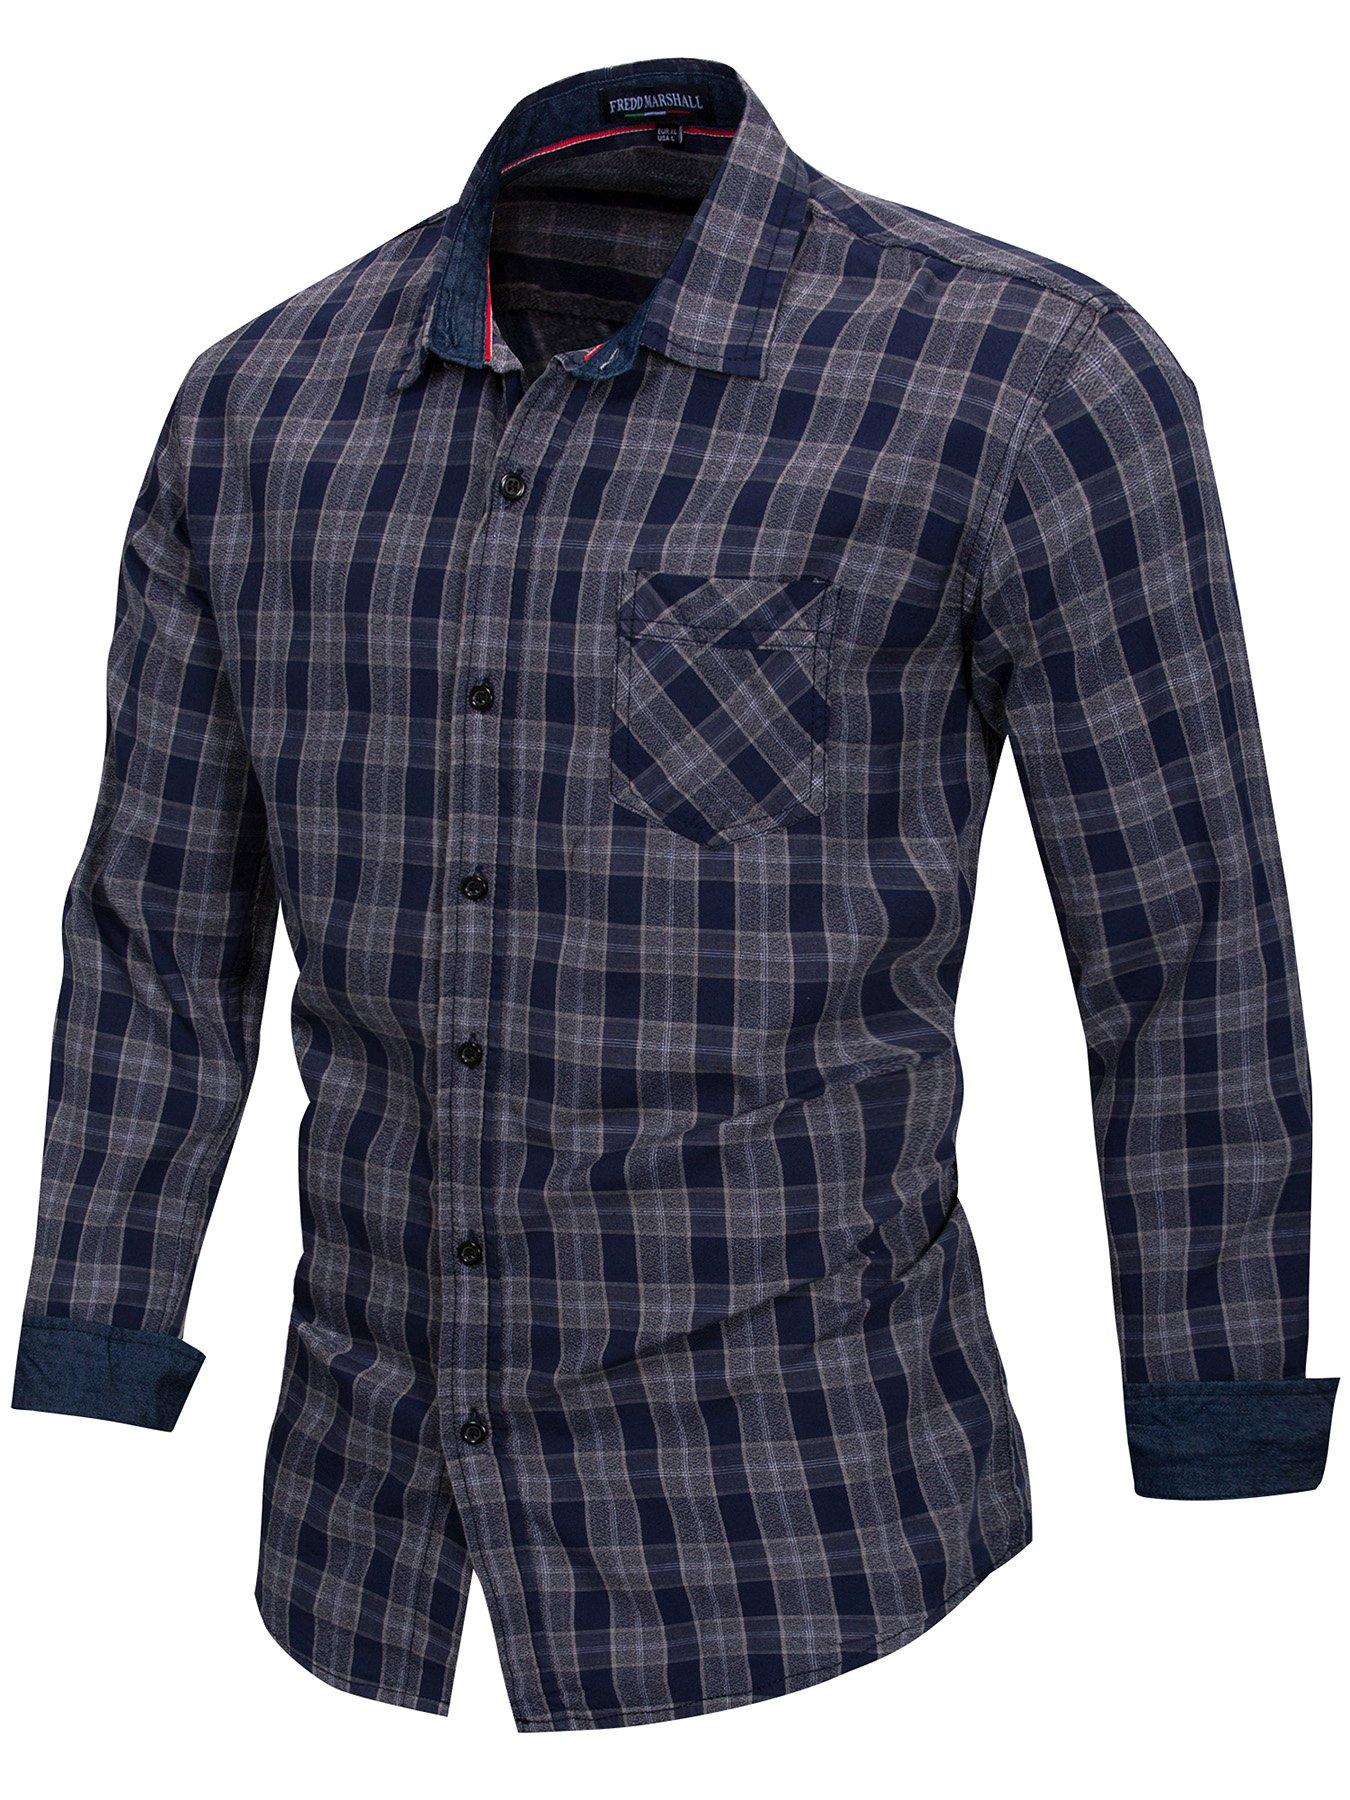 Neleus Men's Cotton Casual Plaid Long Sleeve Dress Shirt,160,Dark Blue,M,EU L